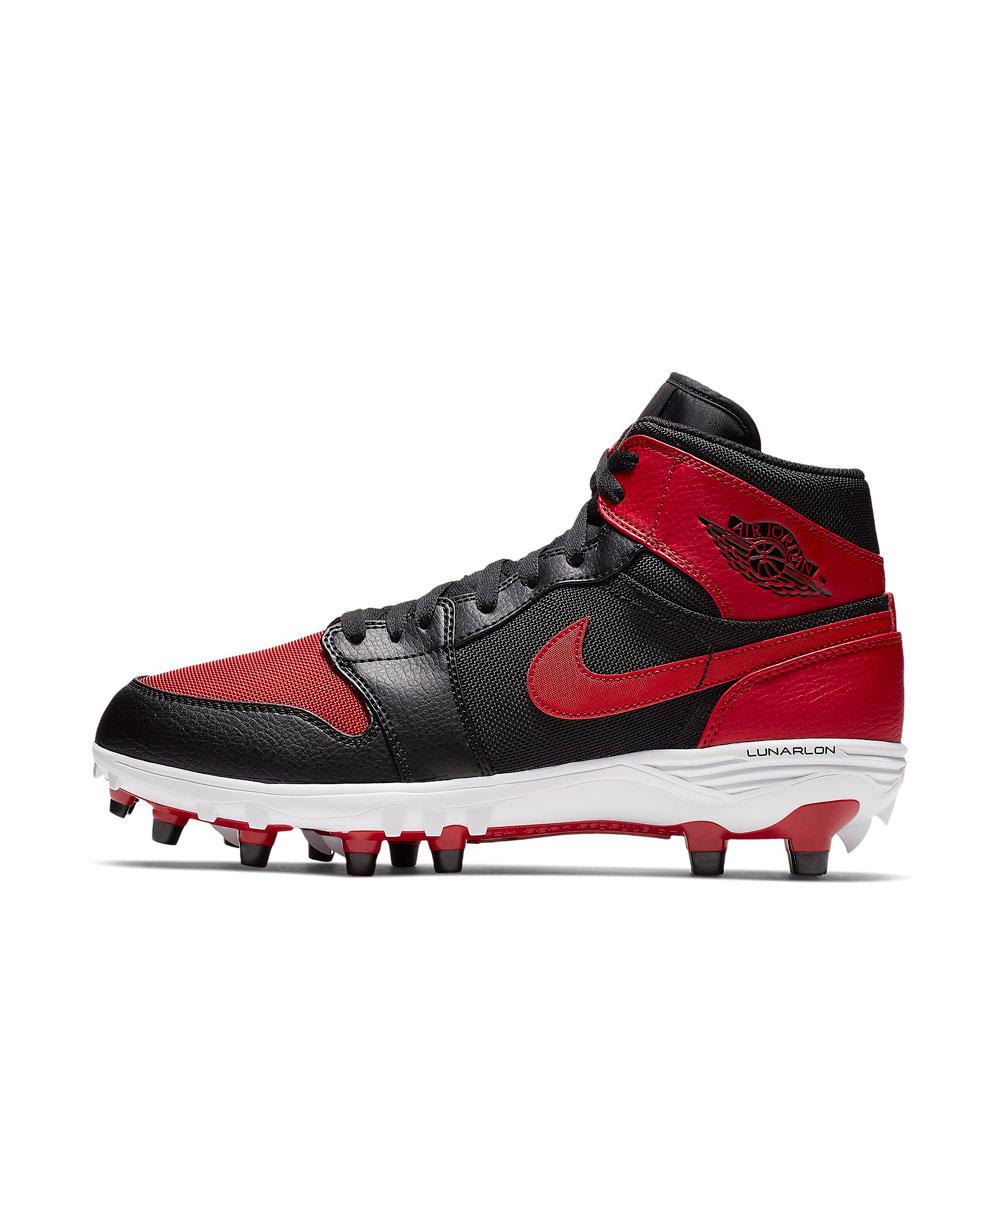 diversificado en envases comprar oficial más tarde Nike Jordan 1 TD Mid Zapatos de Fútbol Americano para Hombre Black/...